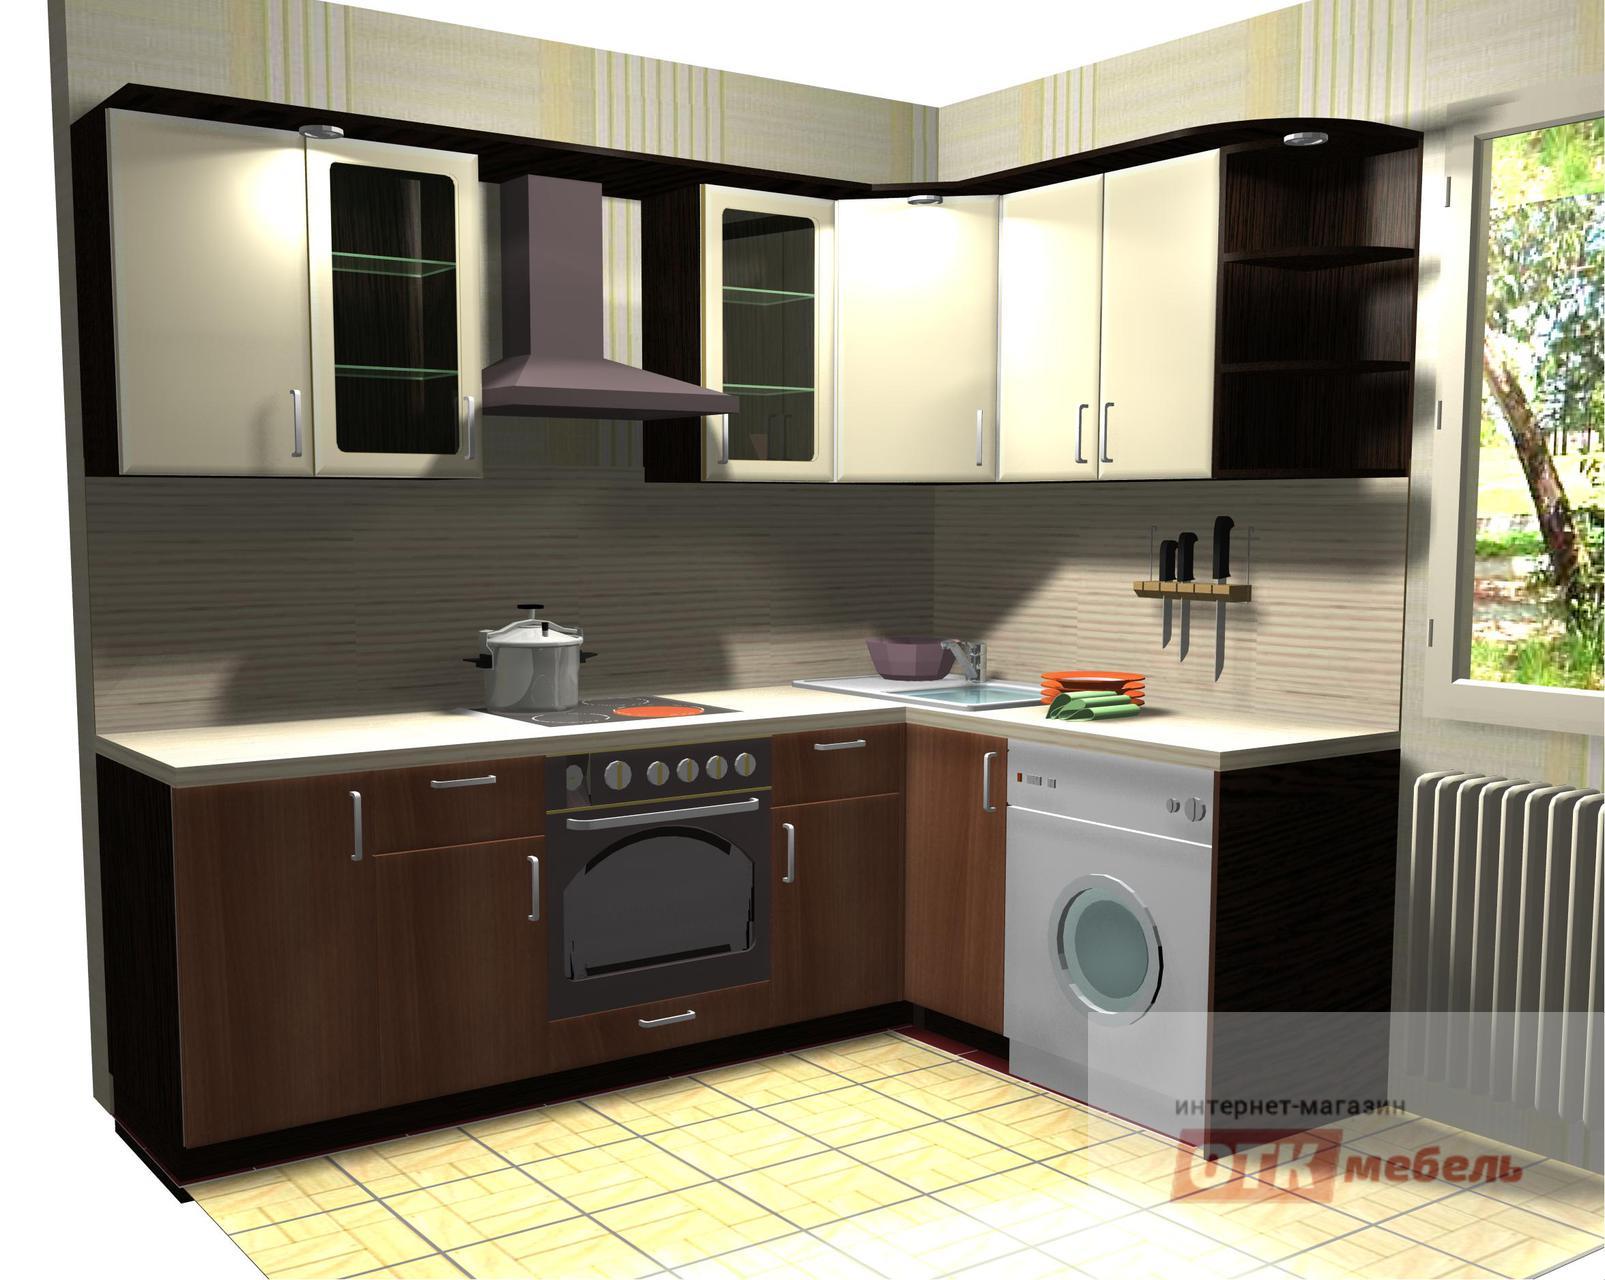 Угловые кухни 1700 1300 недорогие кухни в деревню